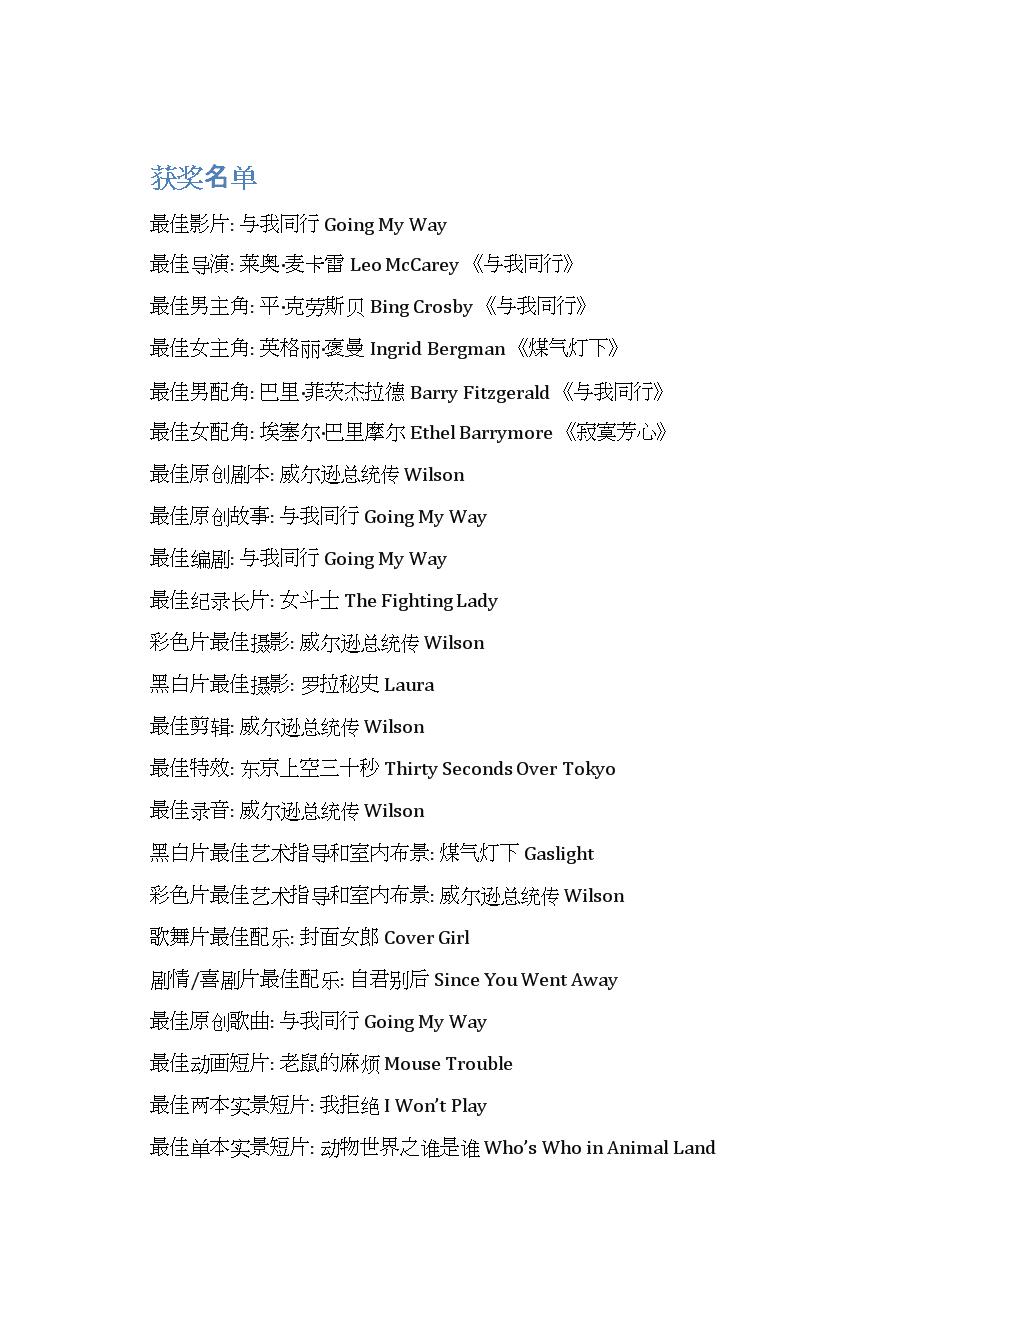 历届奥斯卡电影经典之1945年.docx